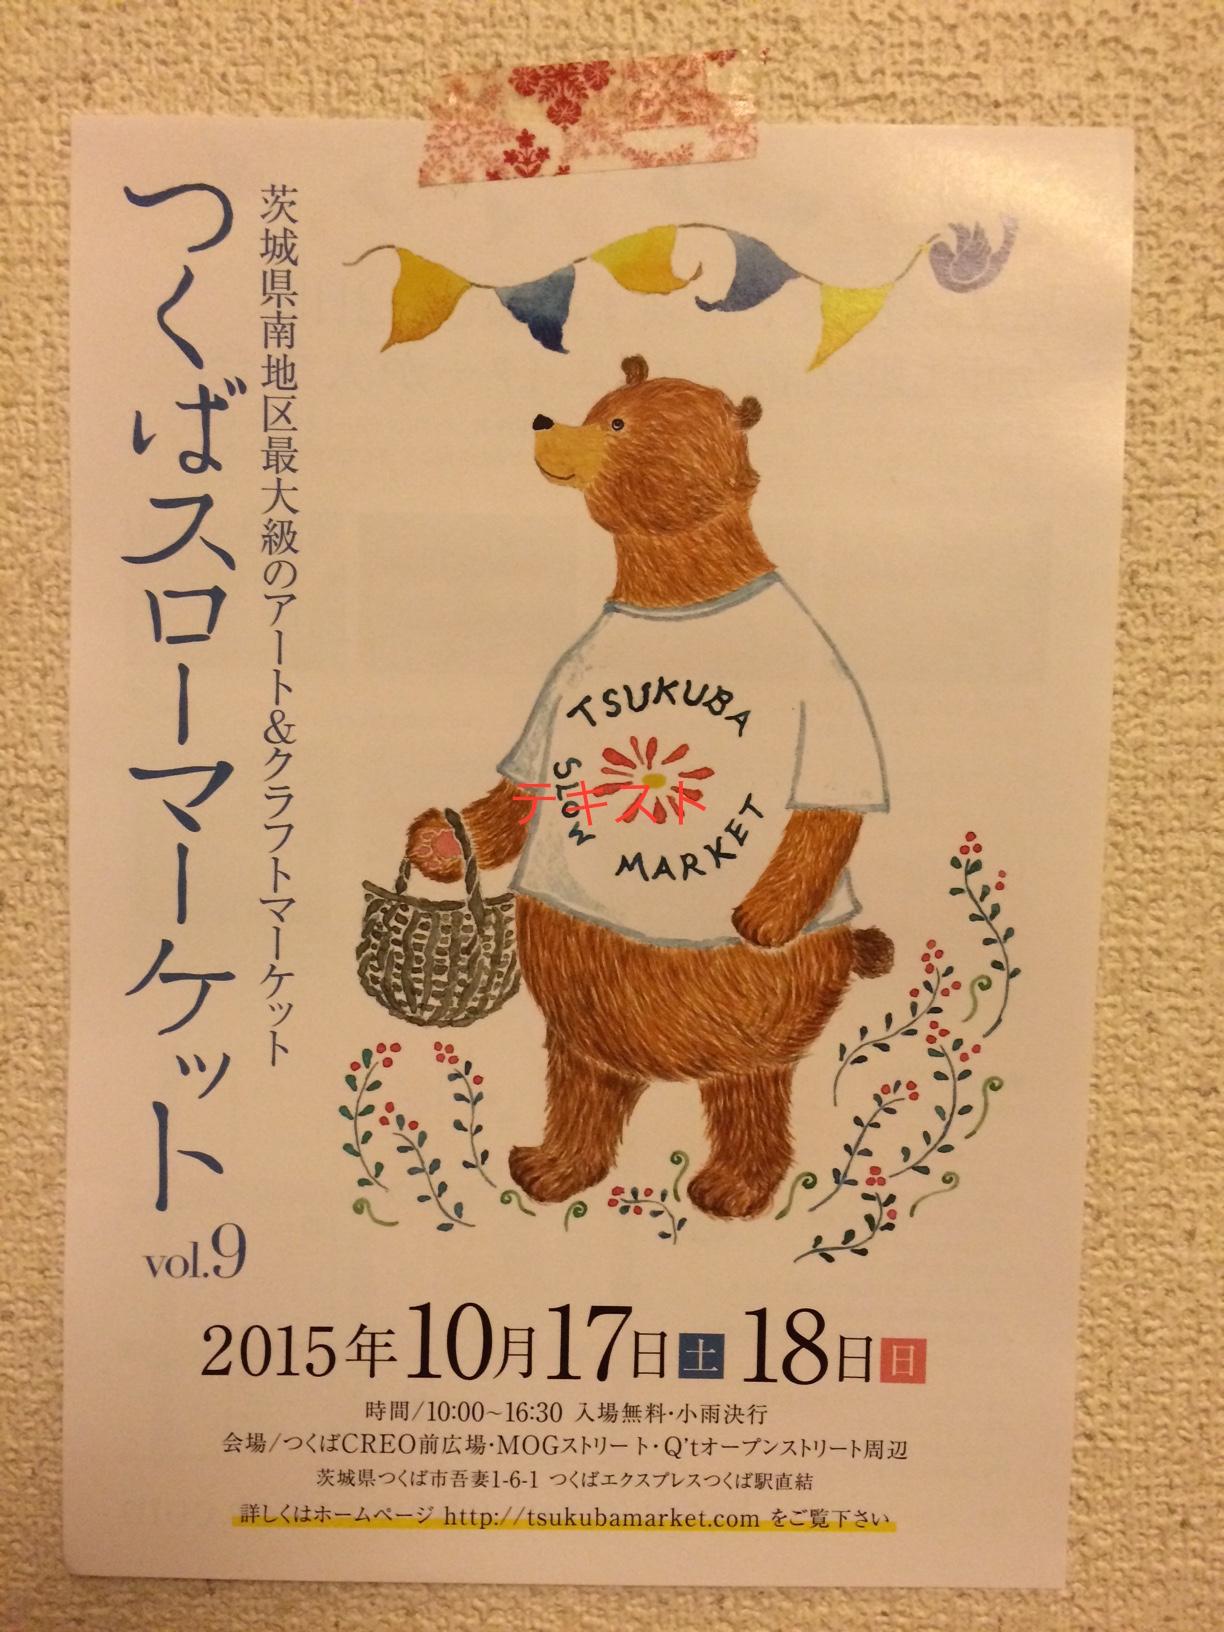 つくばスローマーケット2015